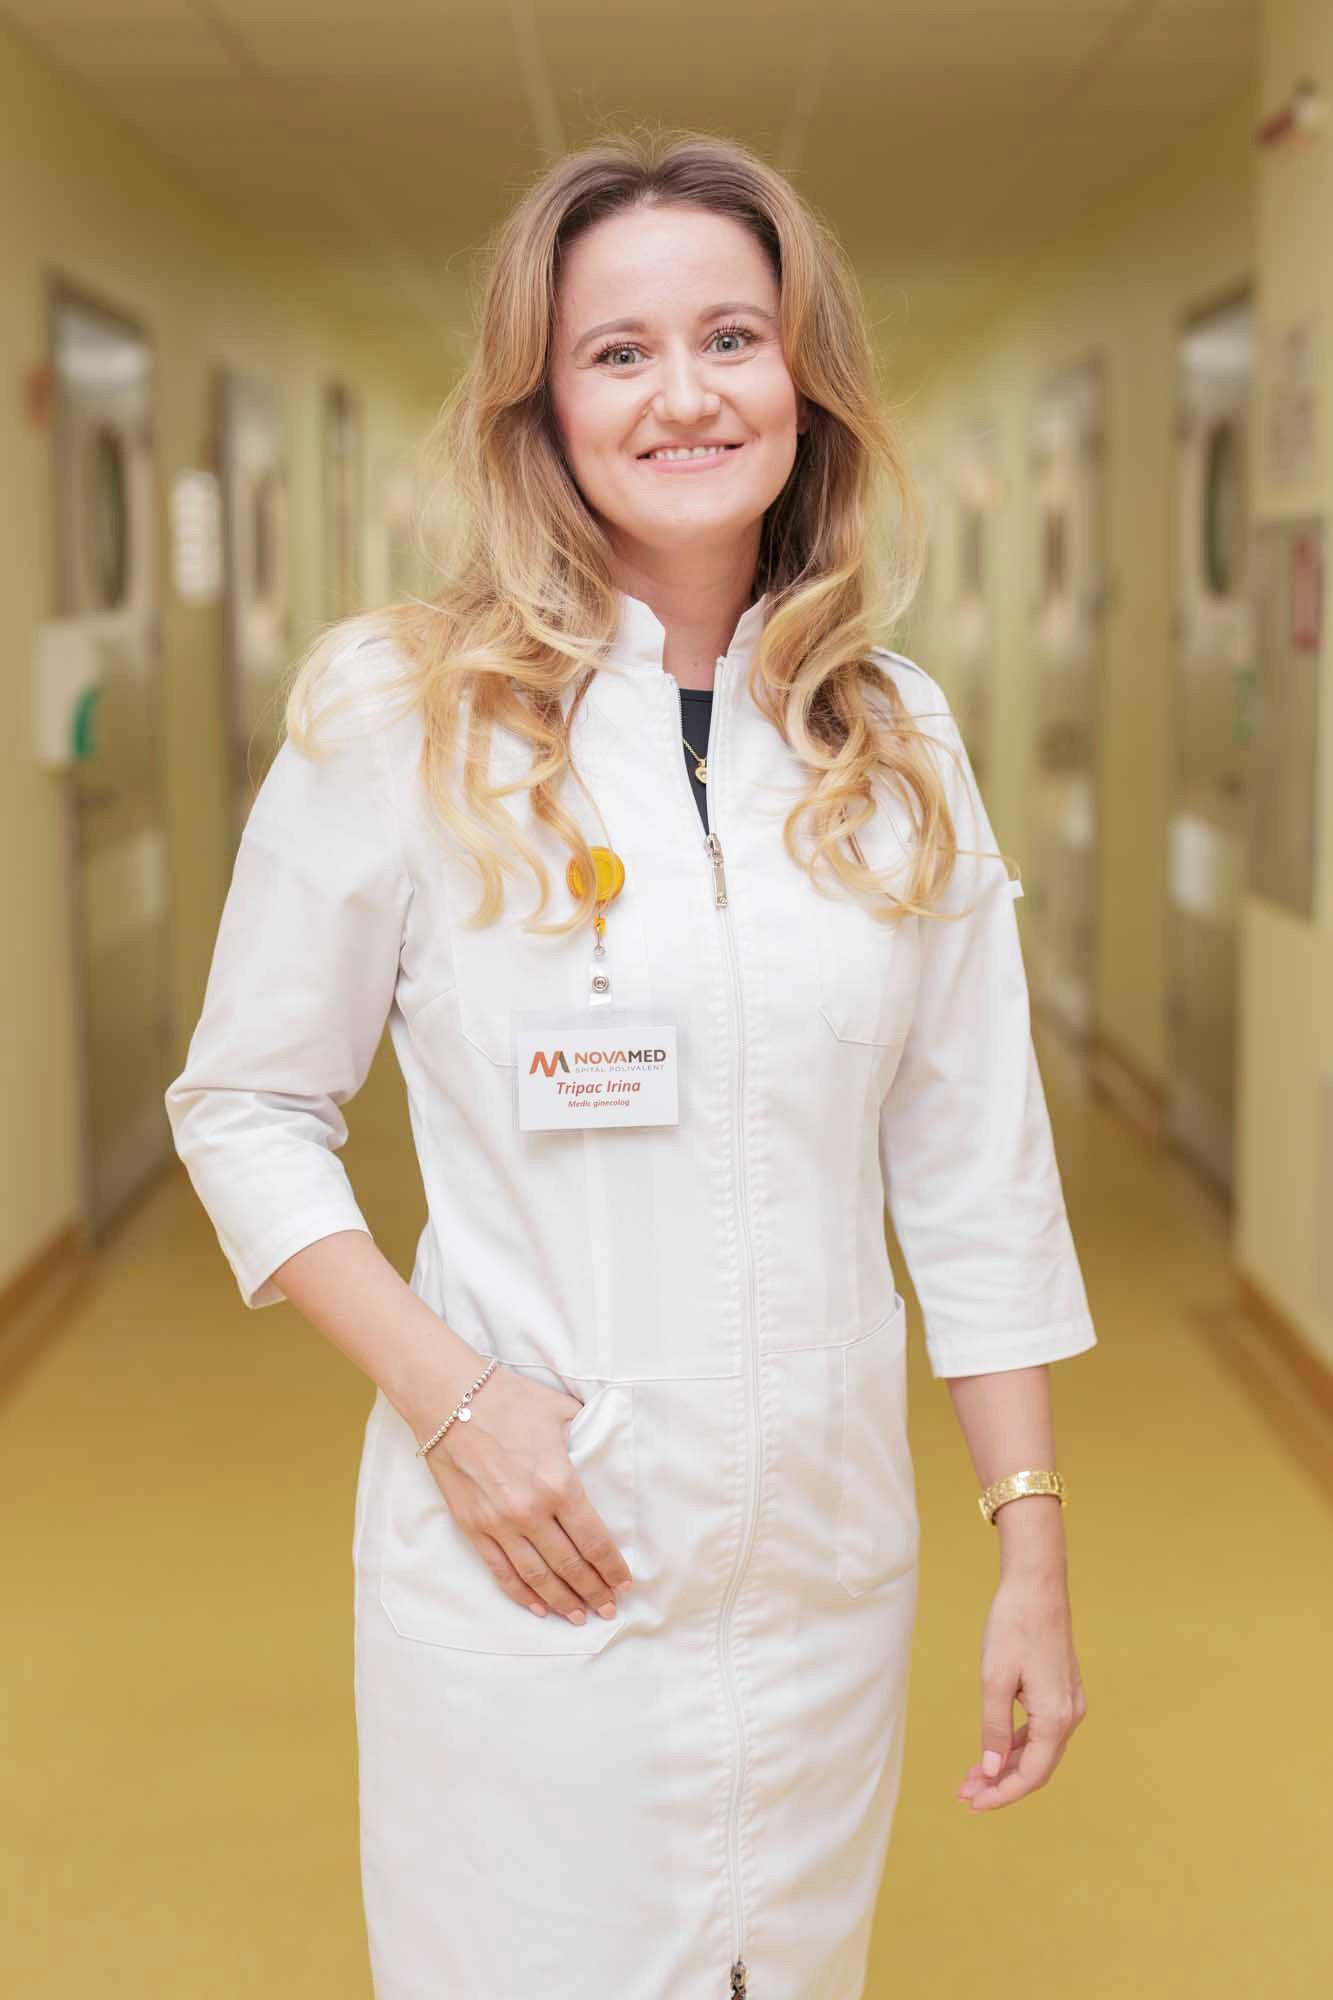 Tripac Irina, medic ginecolog, doctor în medicină